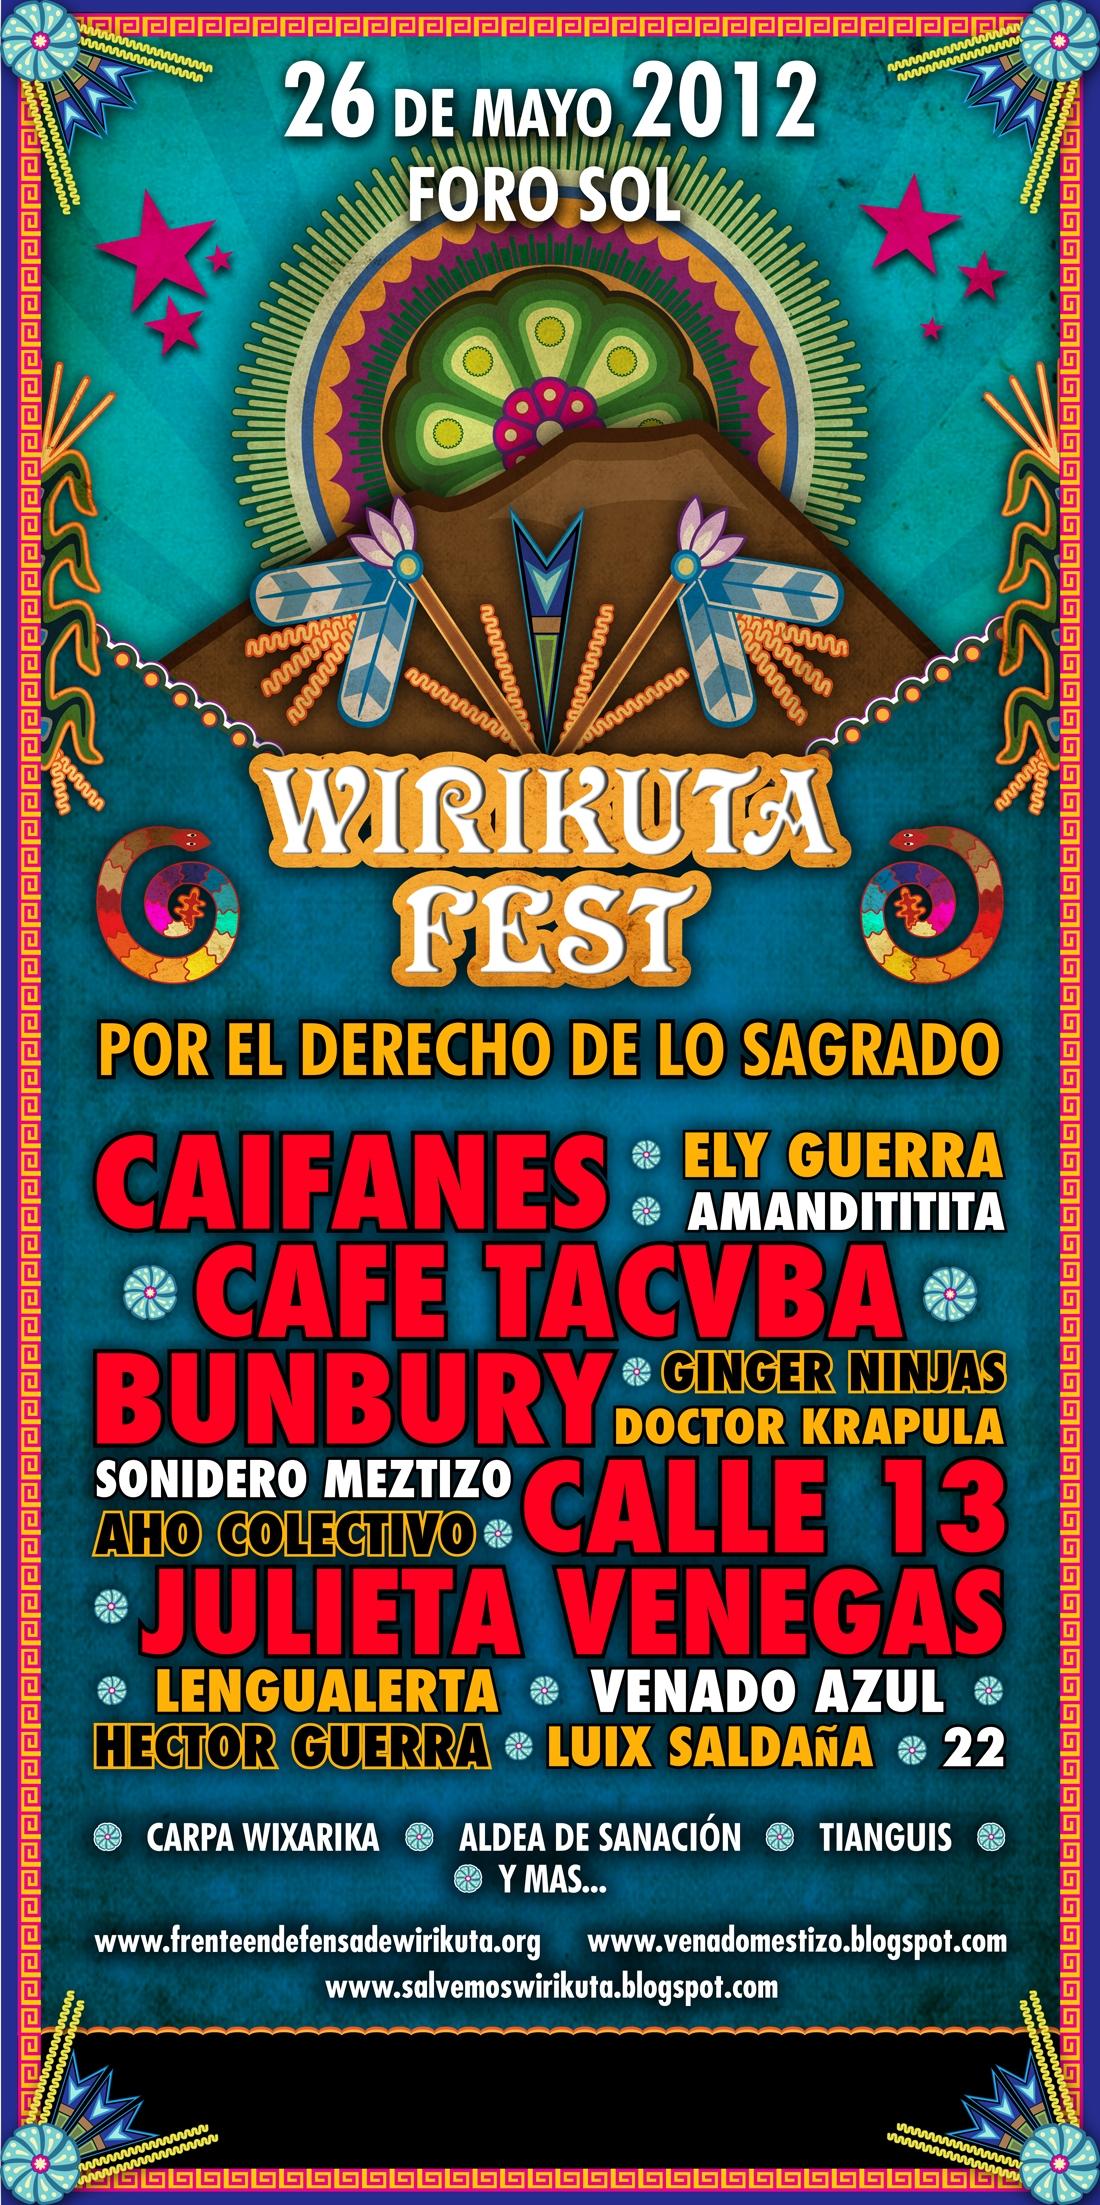 Flyer Wirikuta Fest